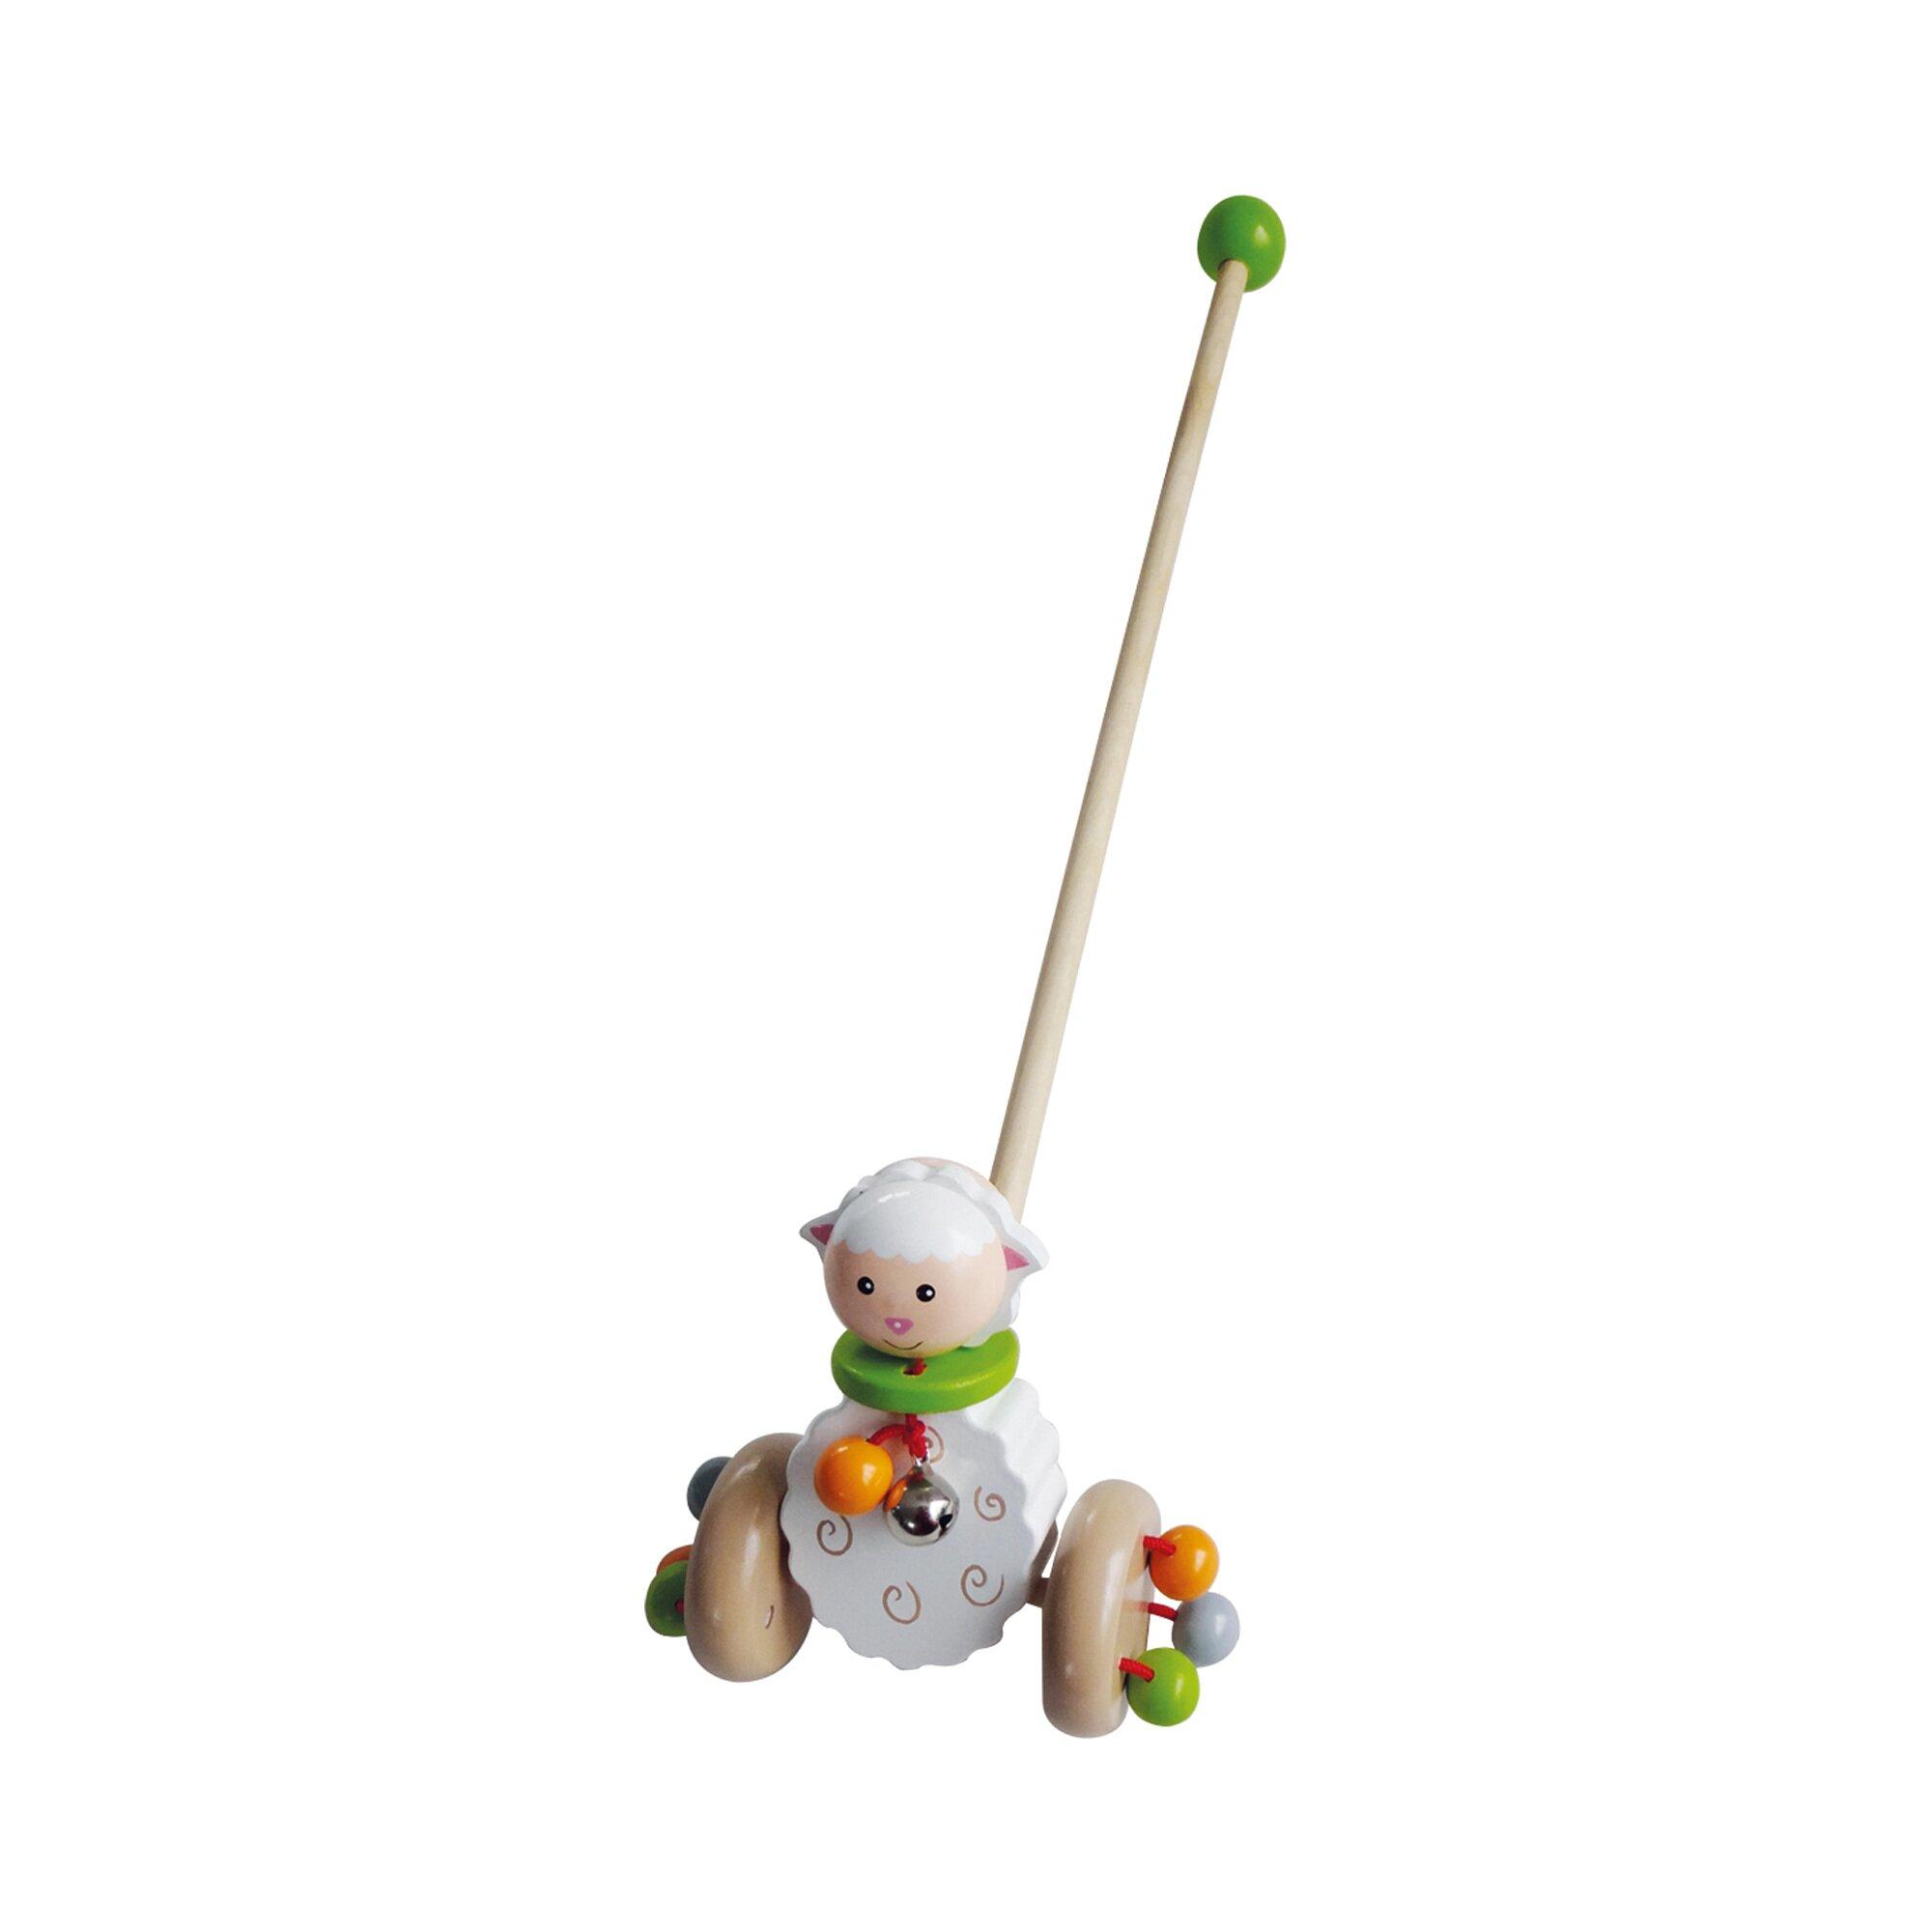 Bieco Schiebespielzeug Schäfchen Betty aus Holz